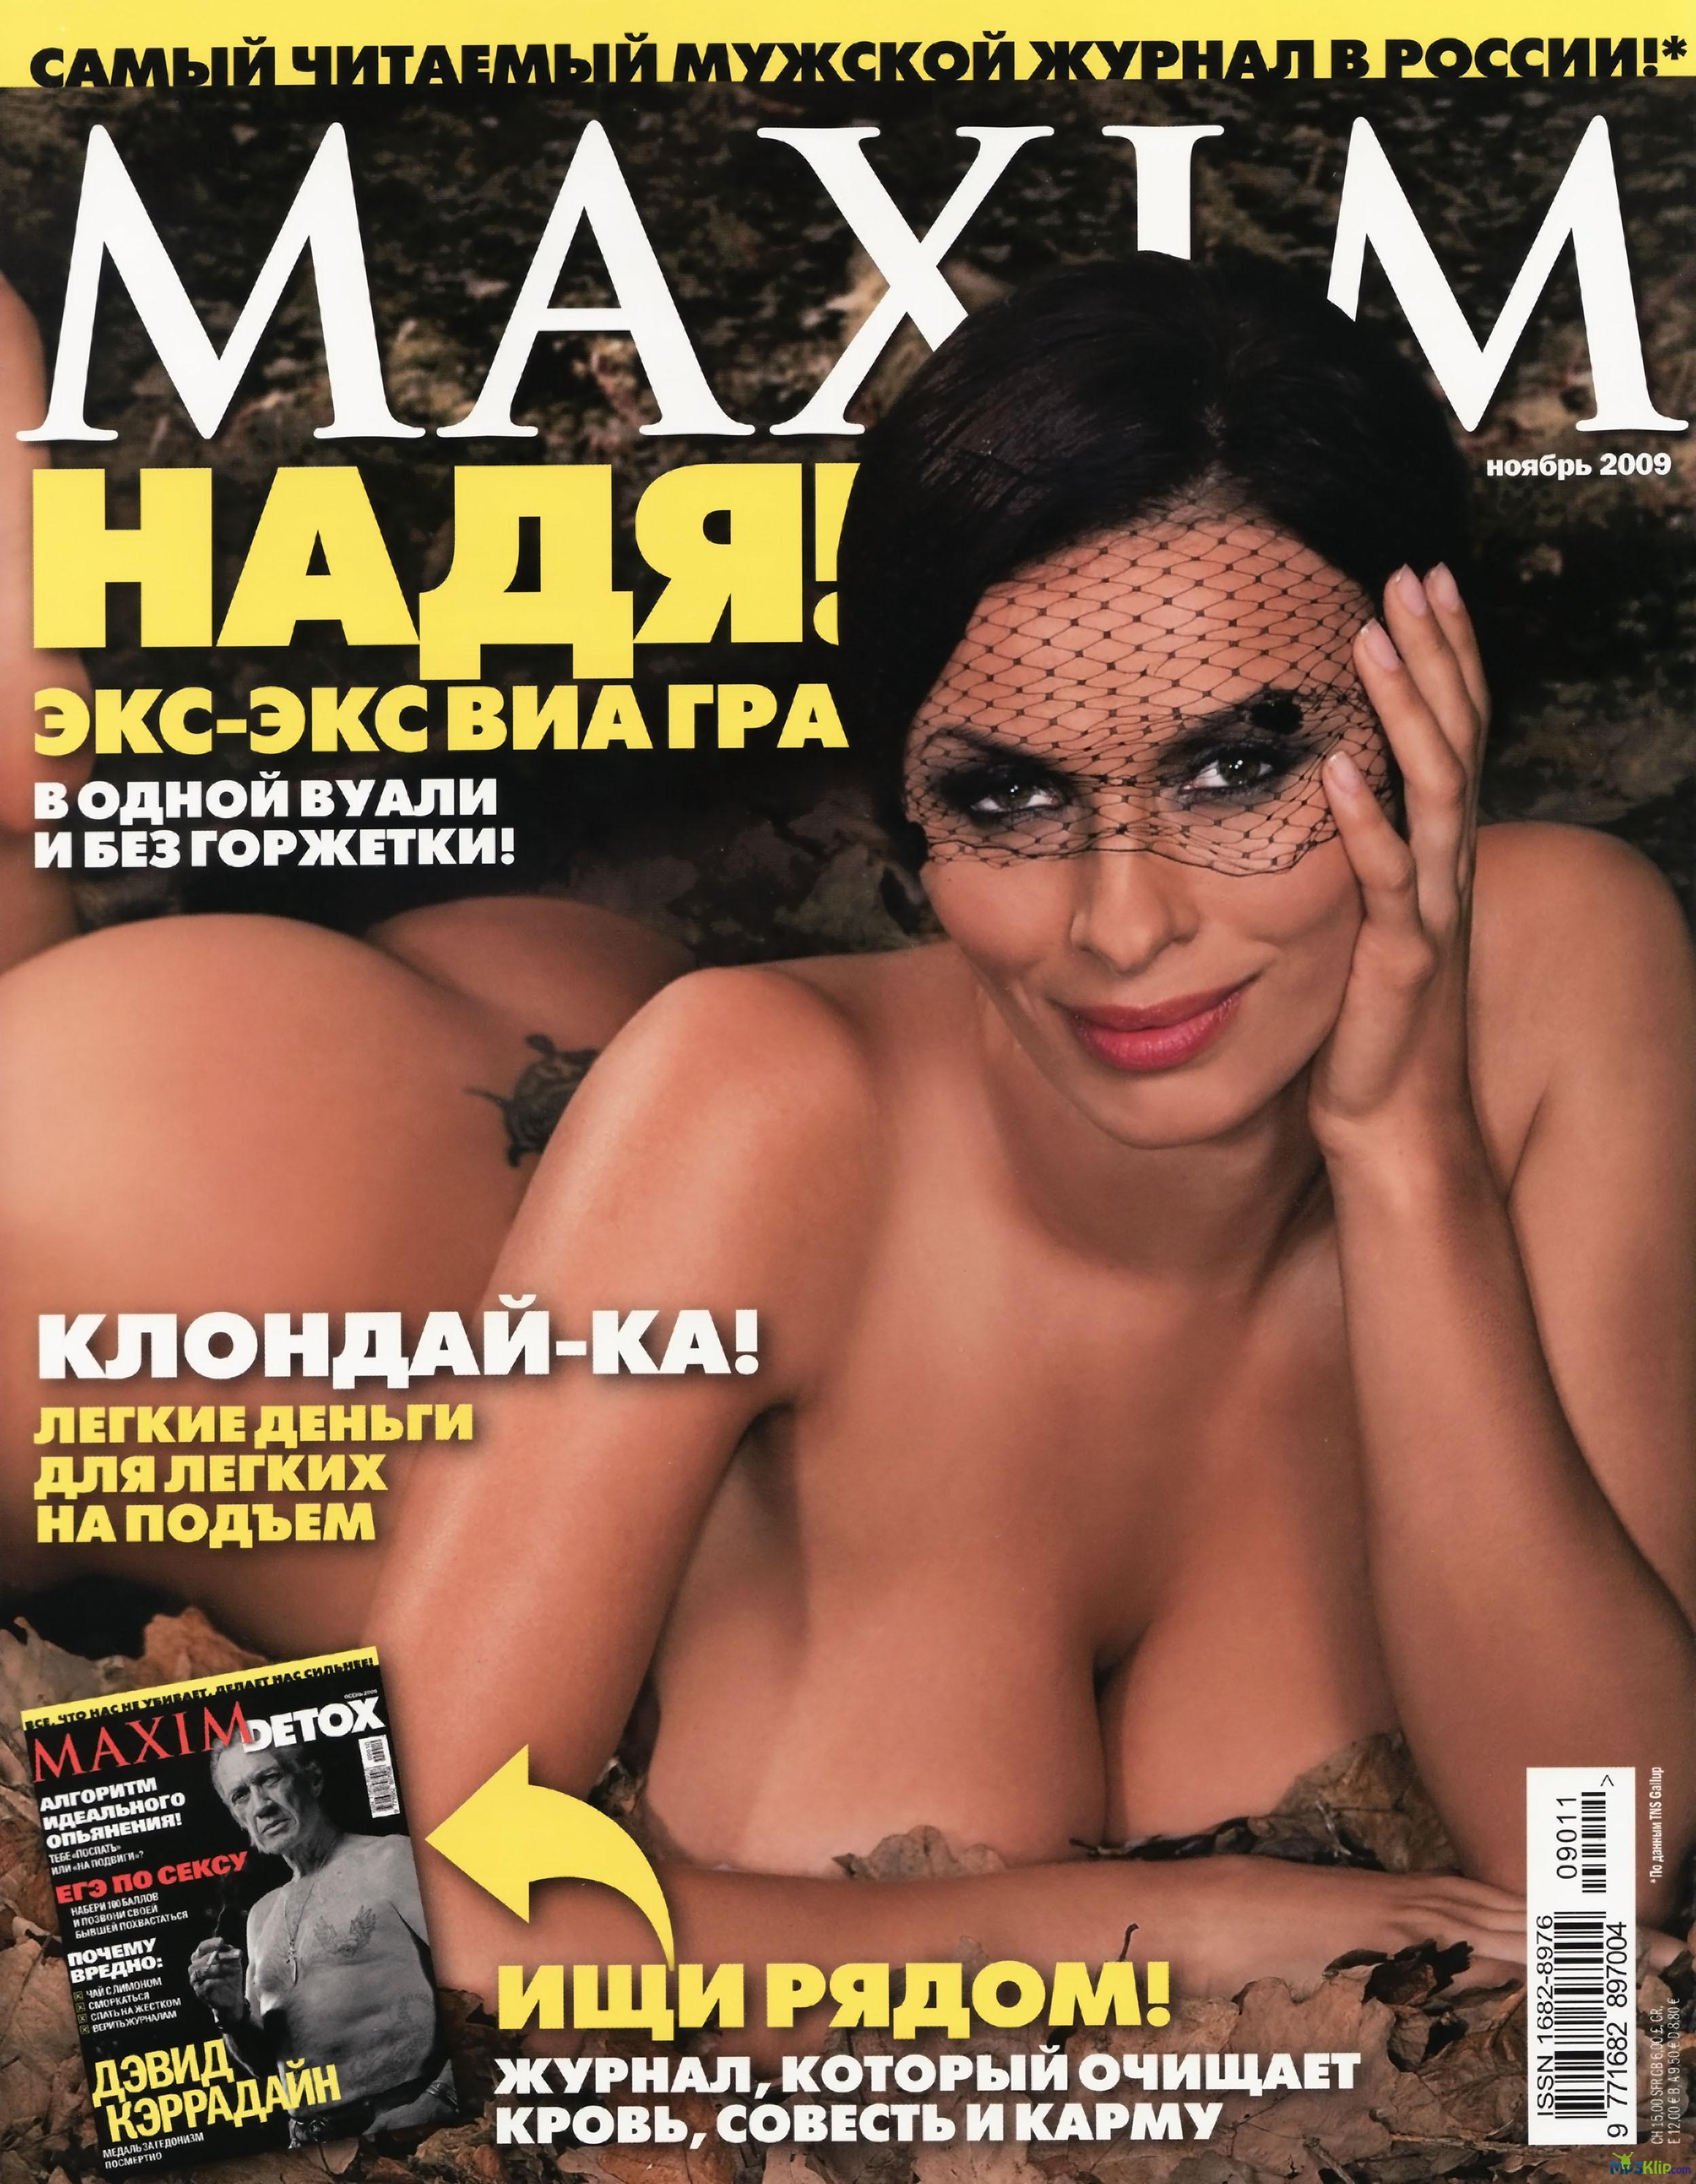 Самые популярные журналы порно 14 фотография